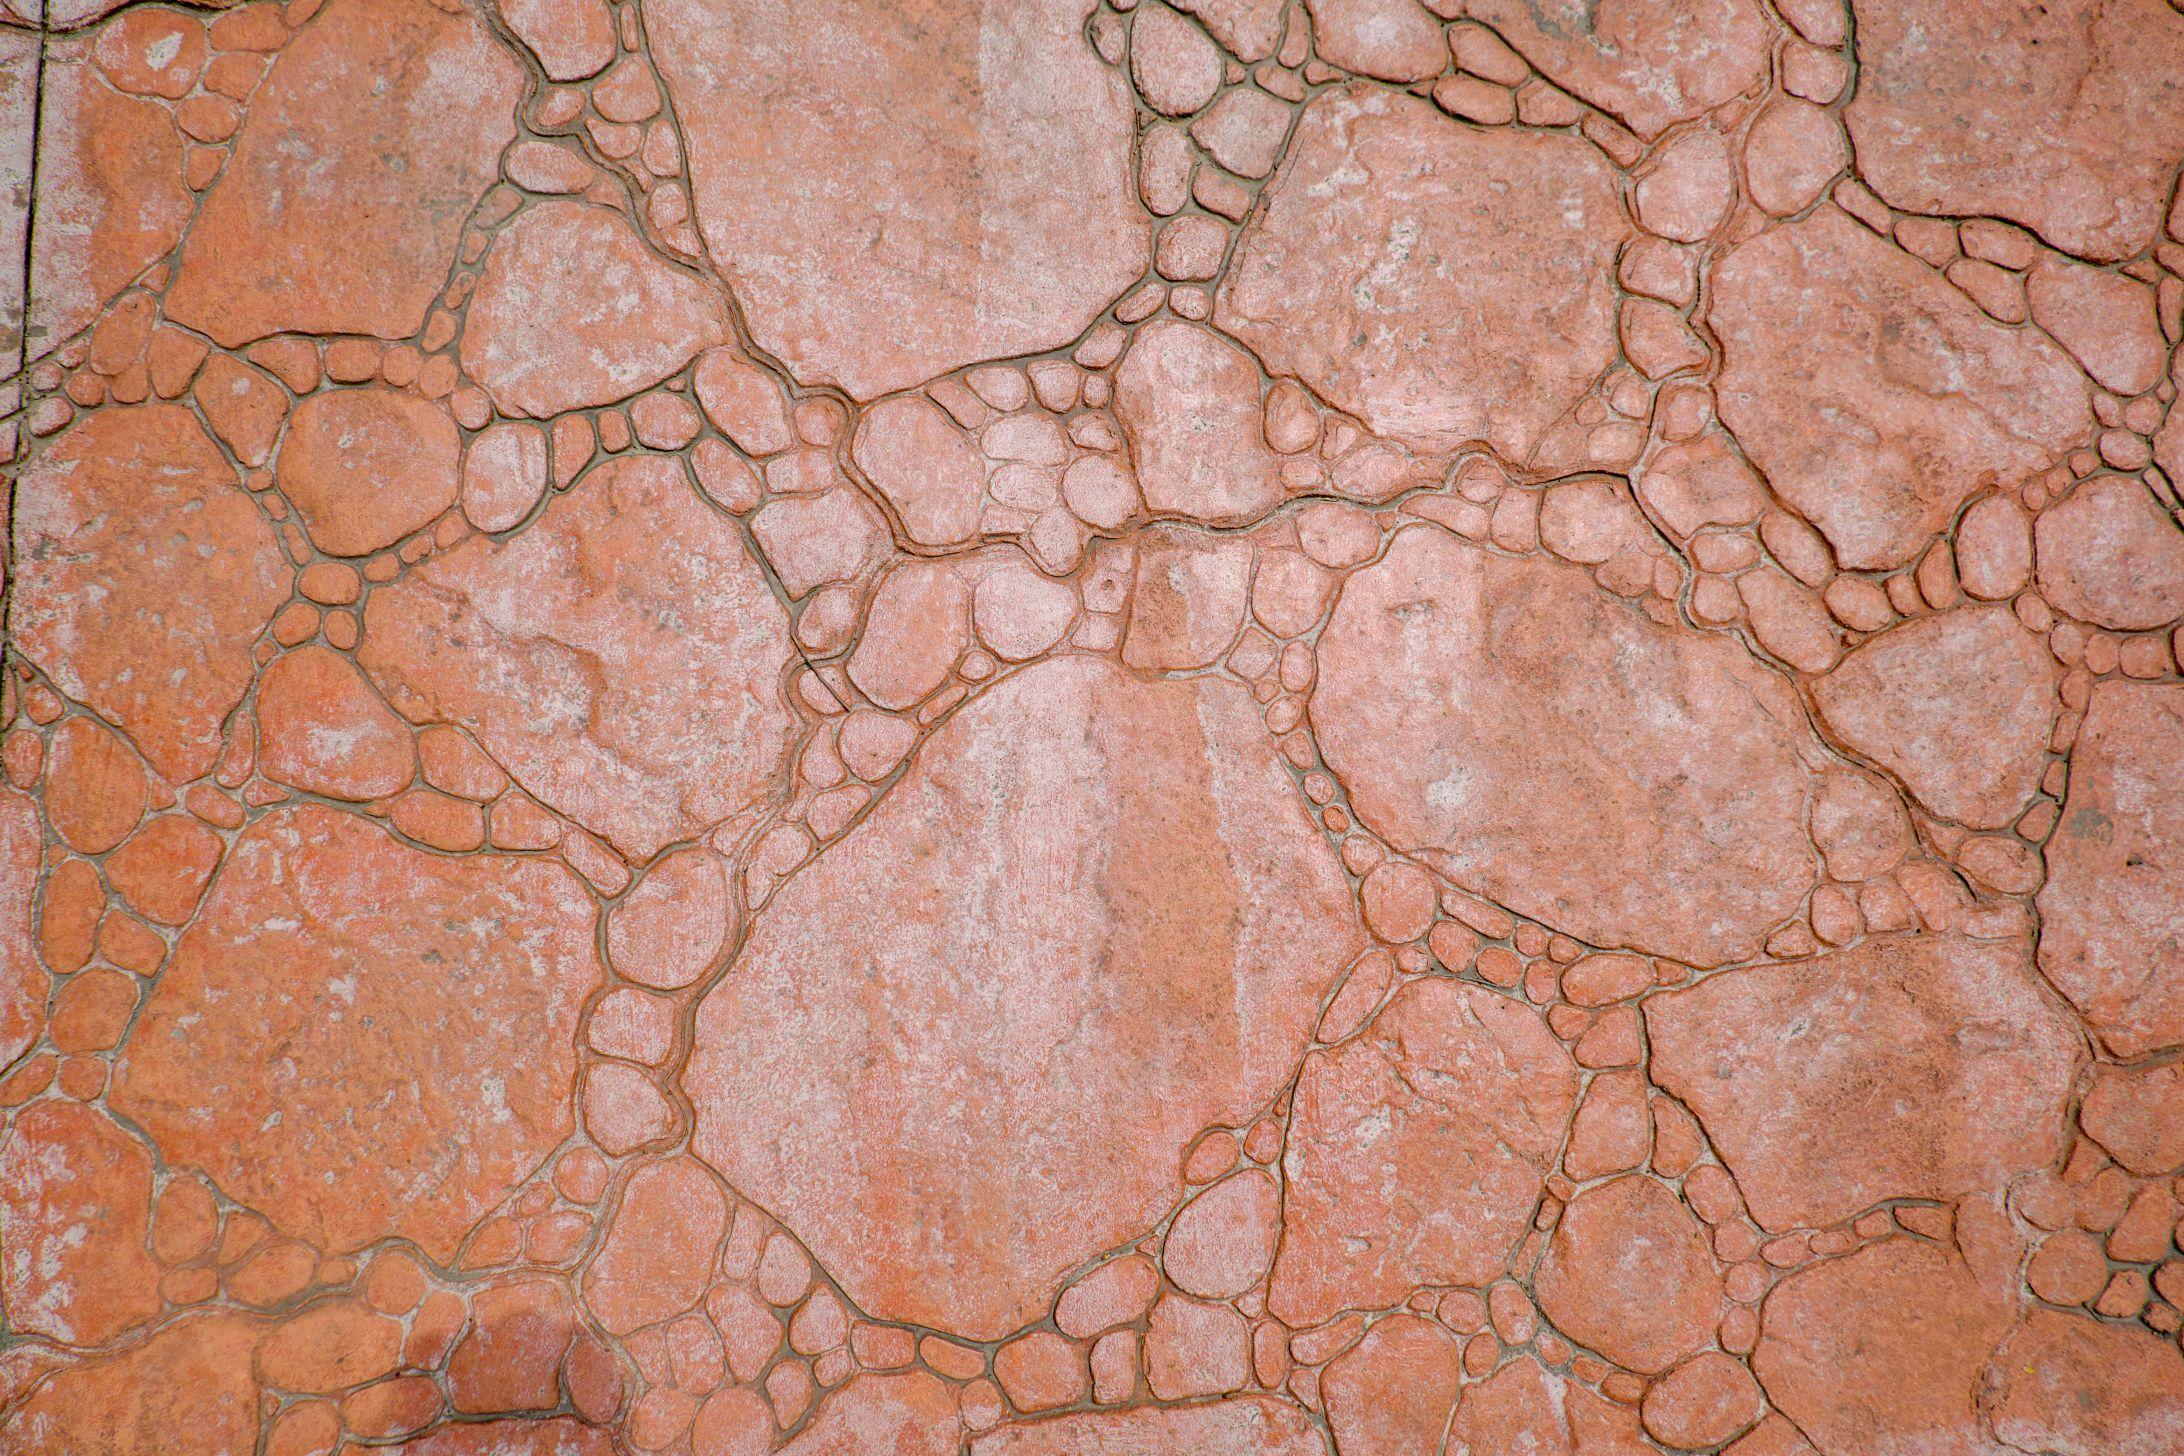 石板纹理材质地面图像下载